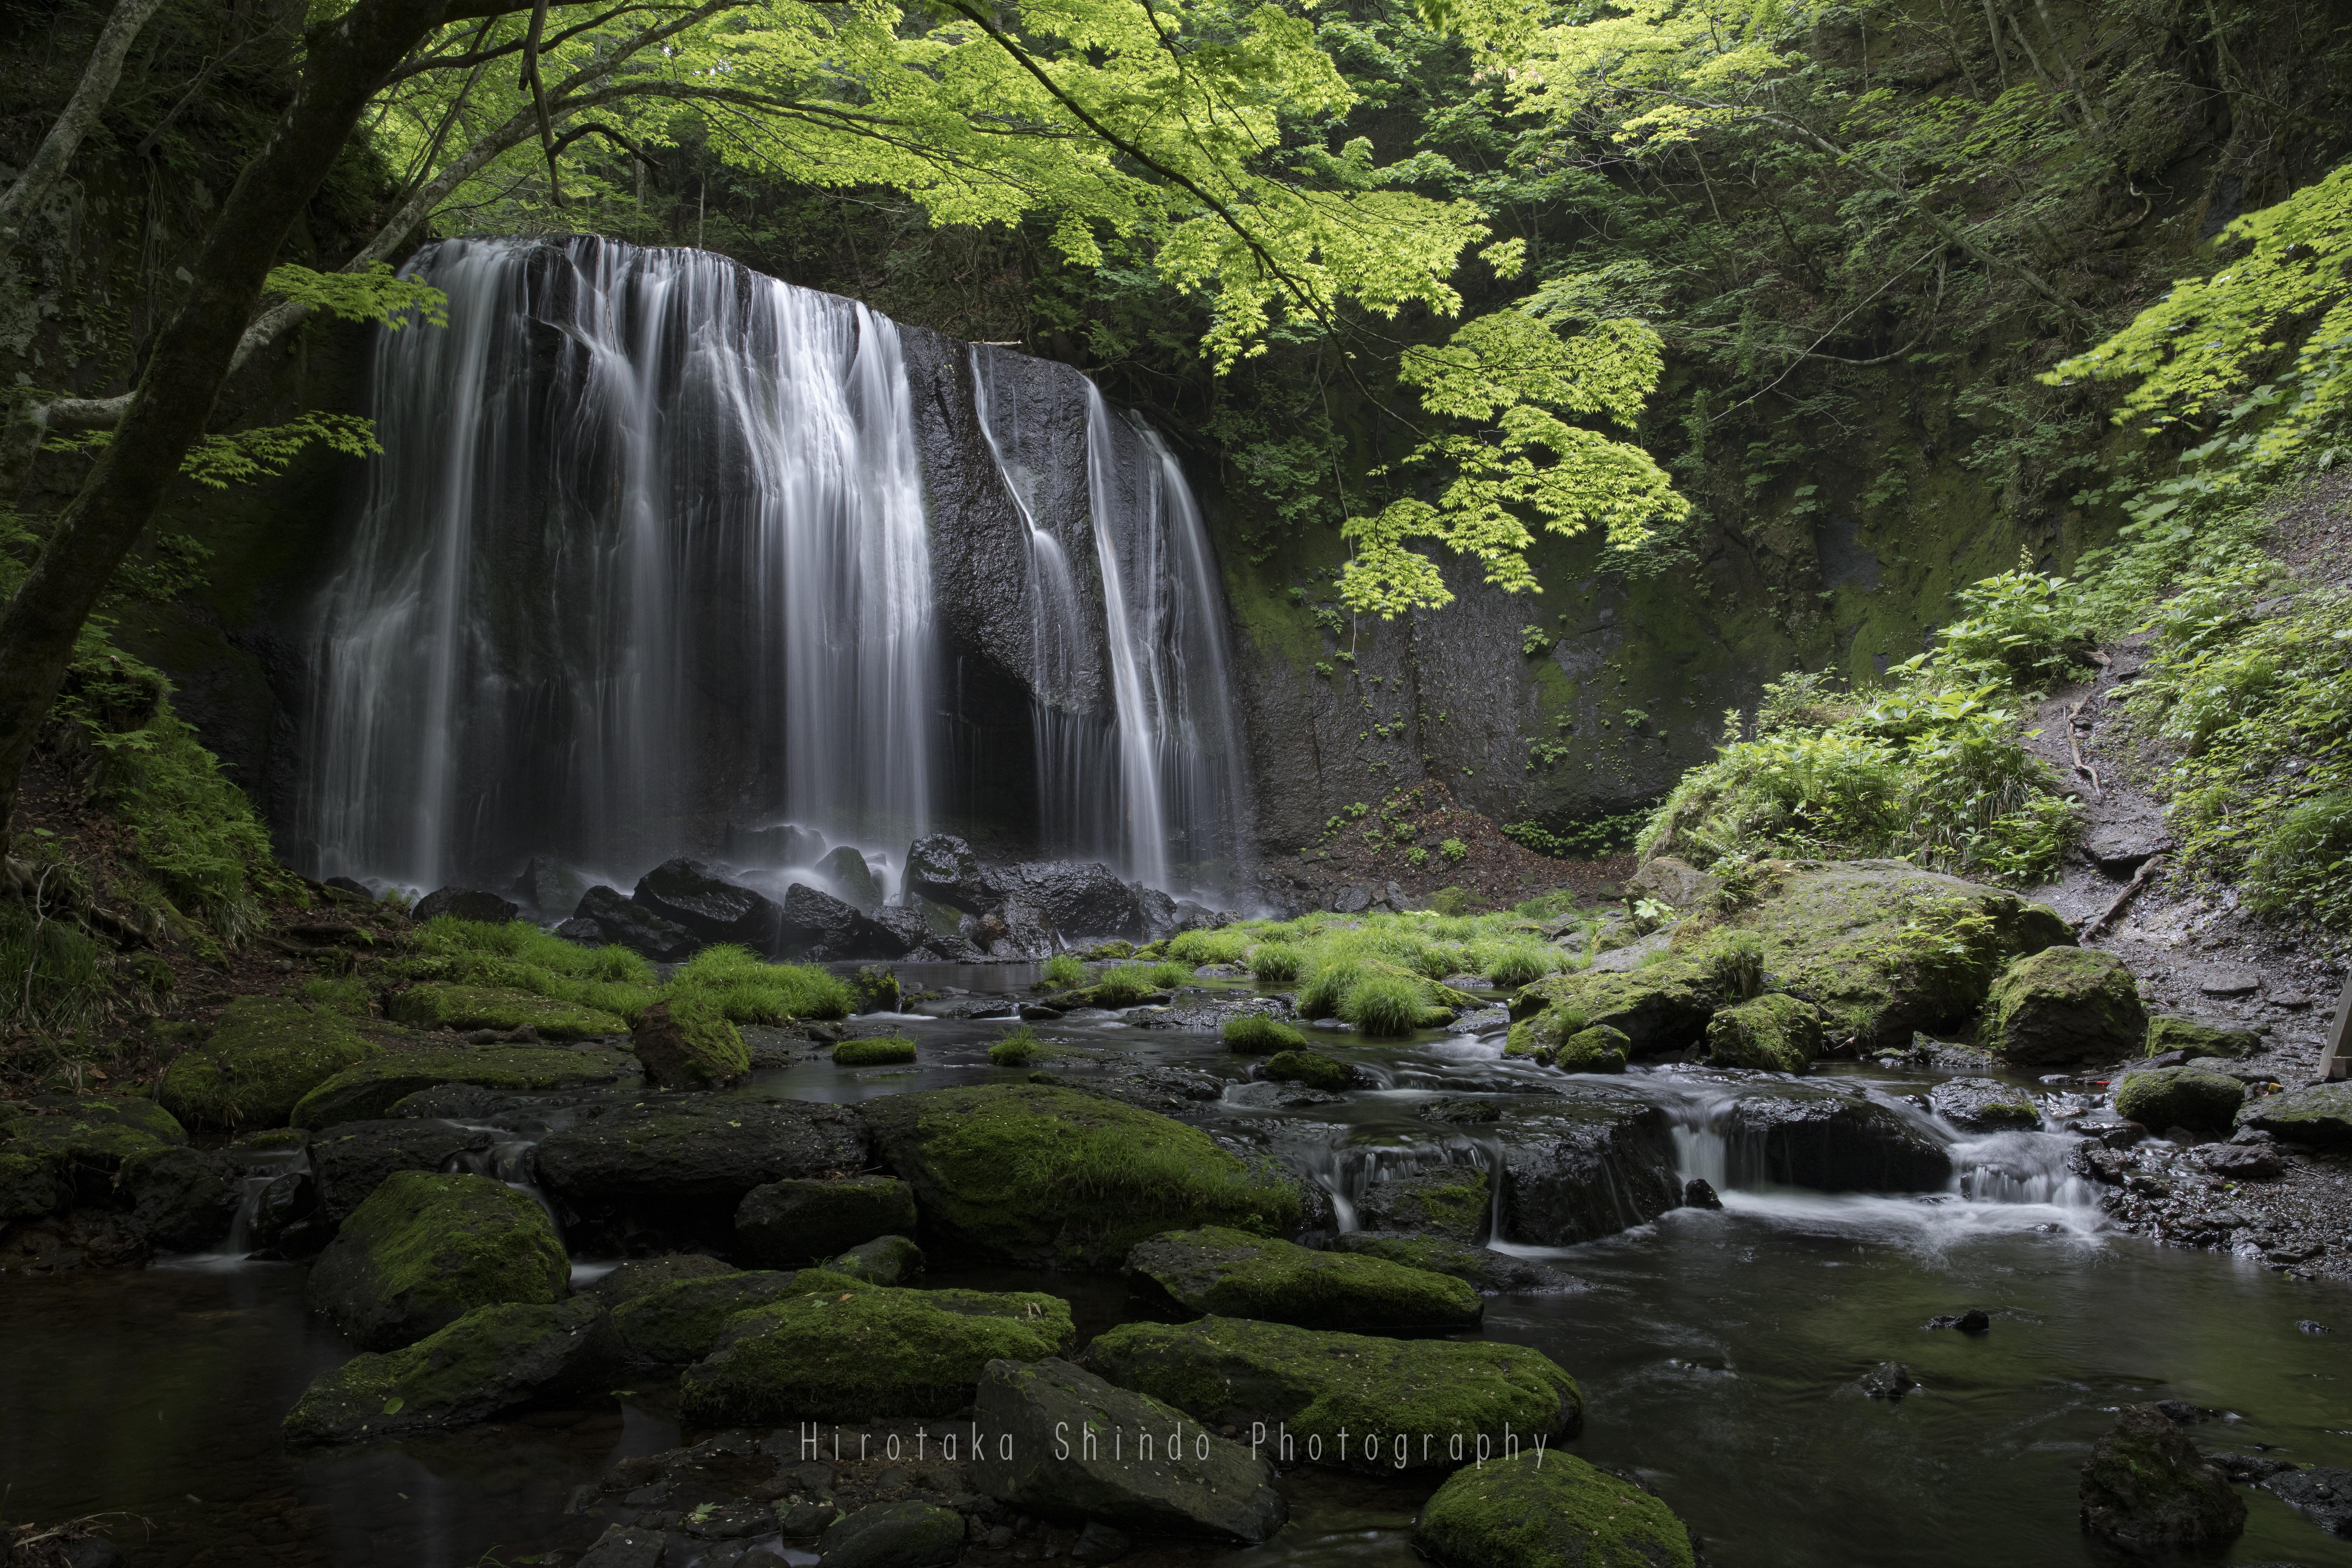 森の妖精との待ち合わせ場所